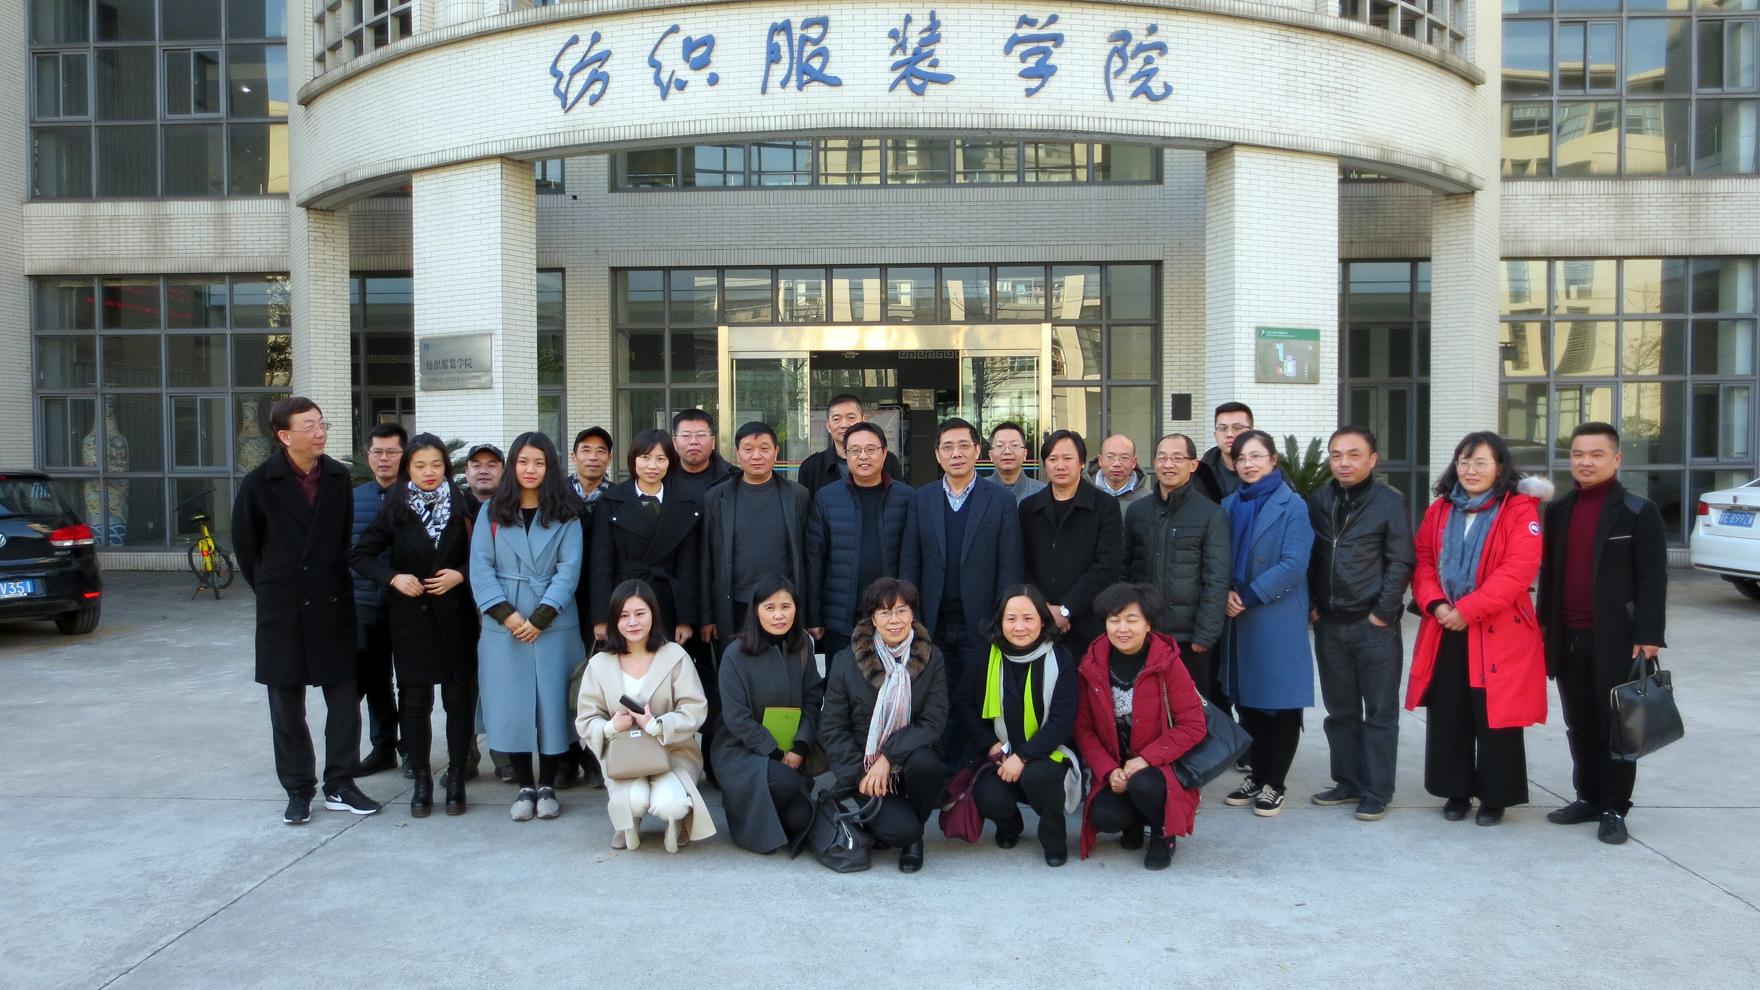 2018年1月12日,嘉兴市服装行业考察团赴江南大学学习考察。